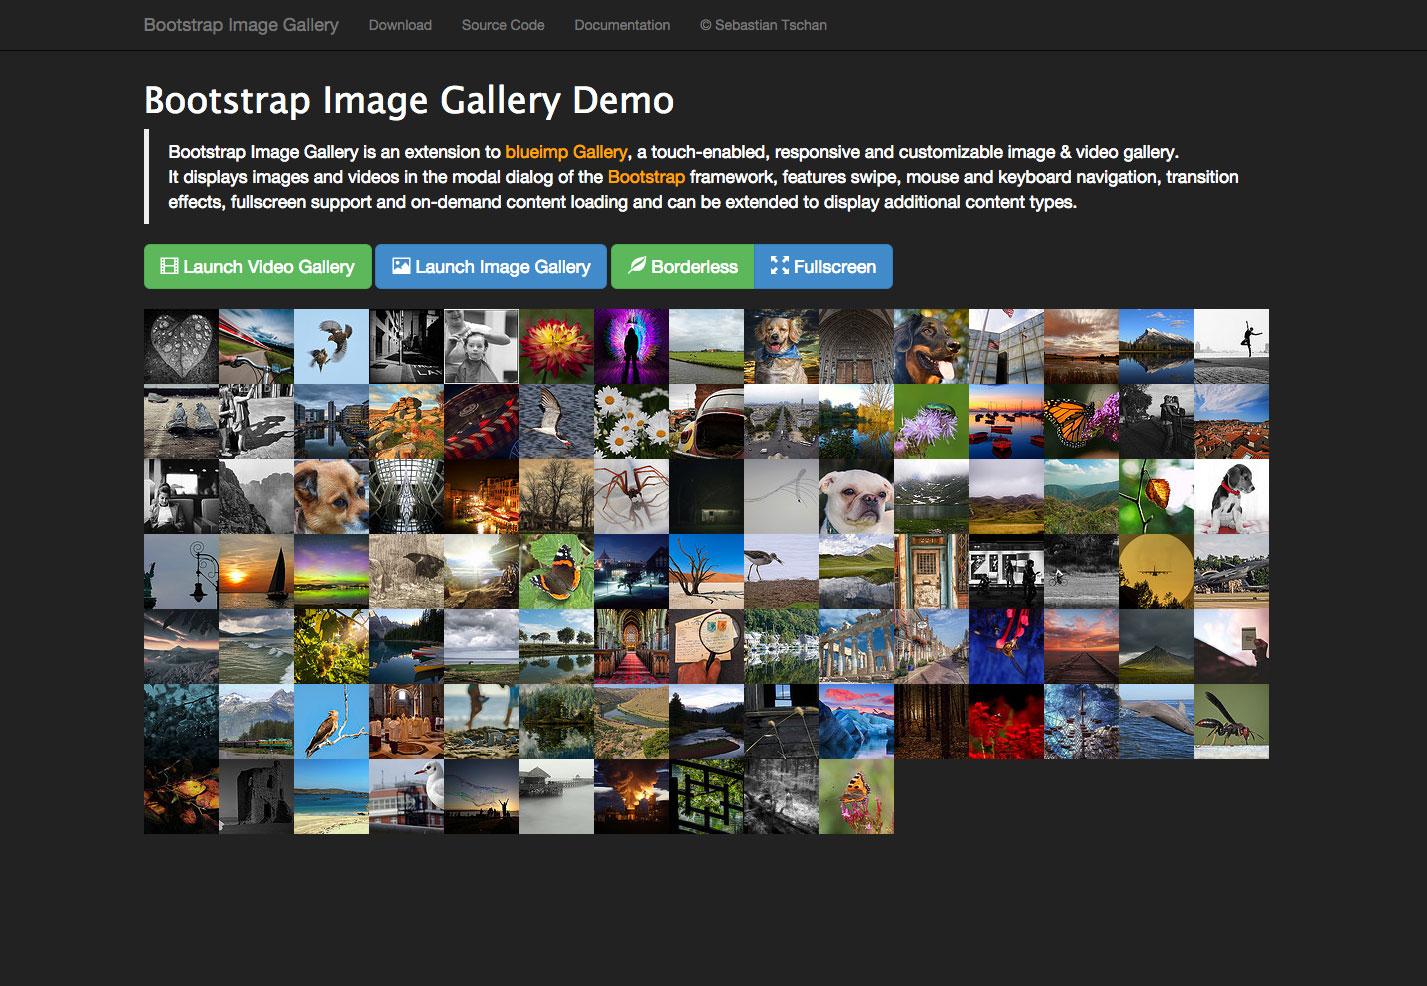 Galería de imágenes bootstrap